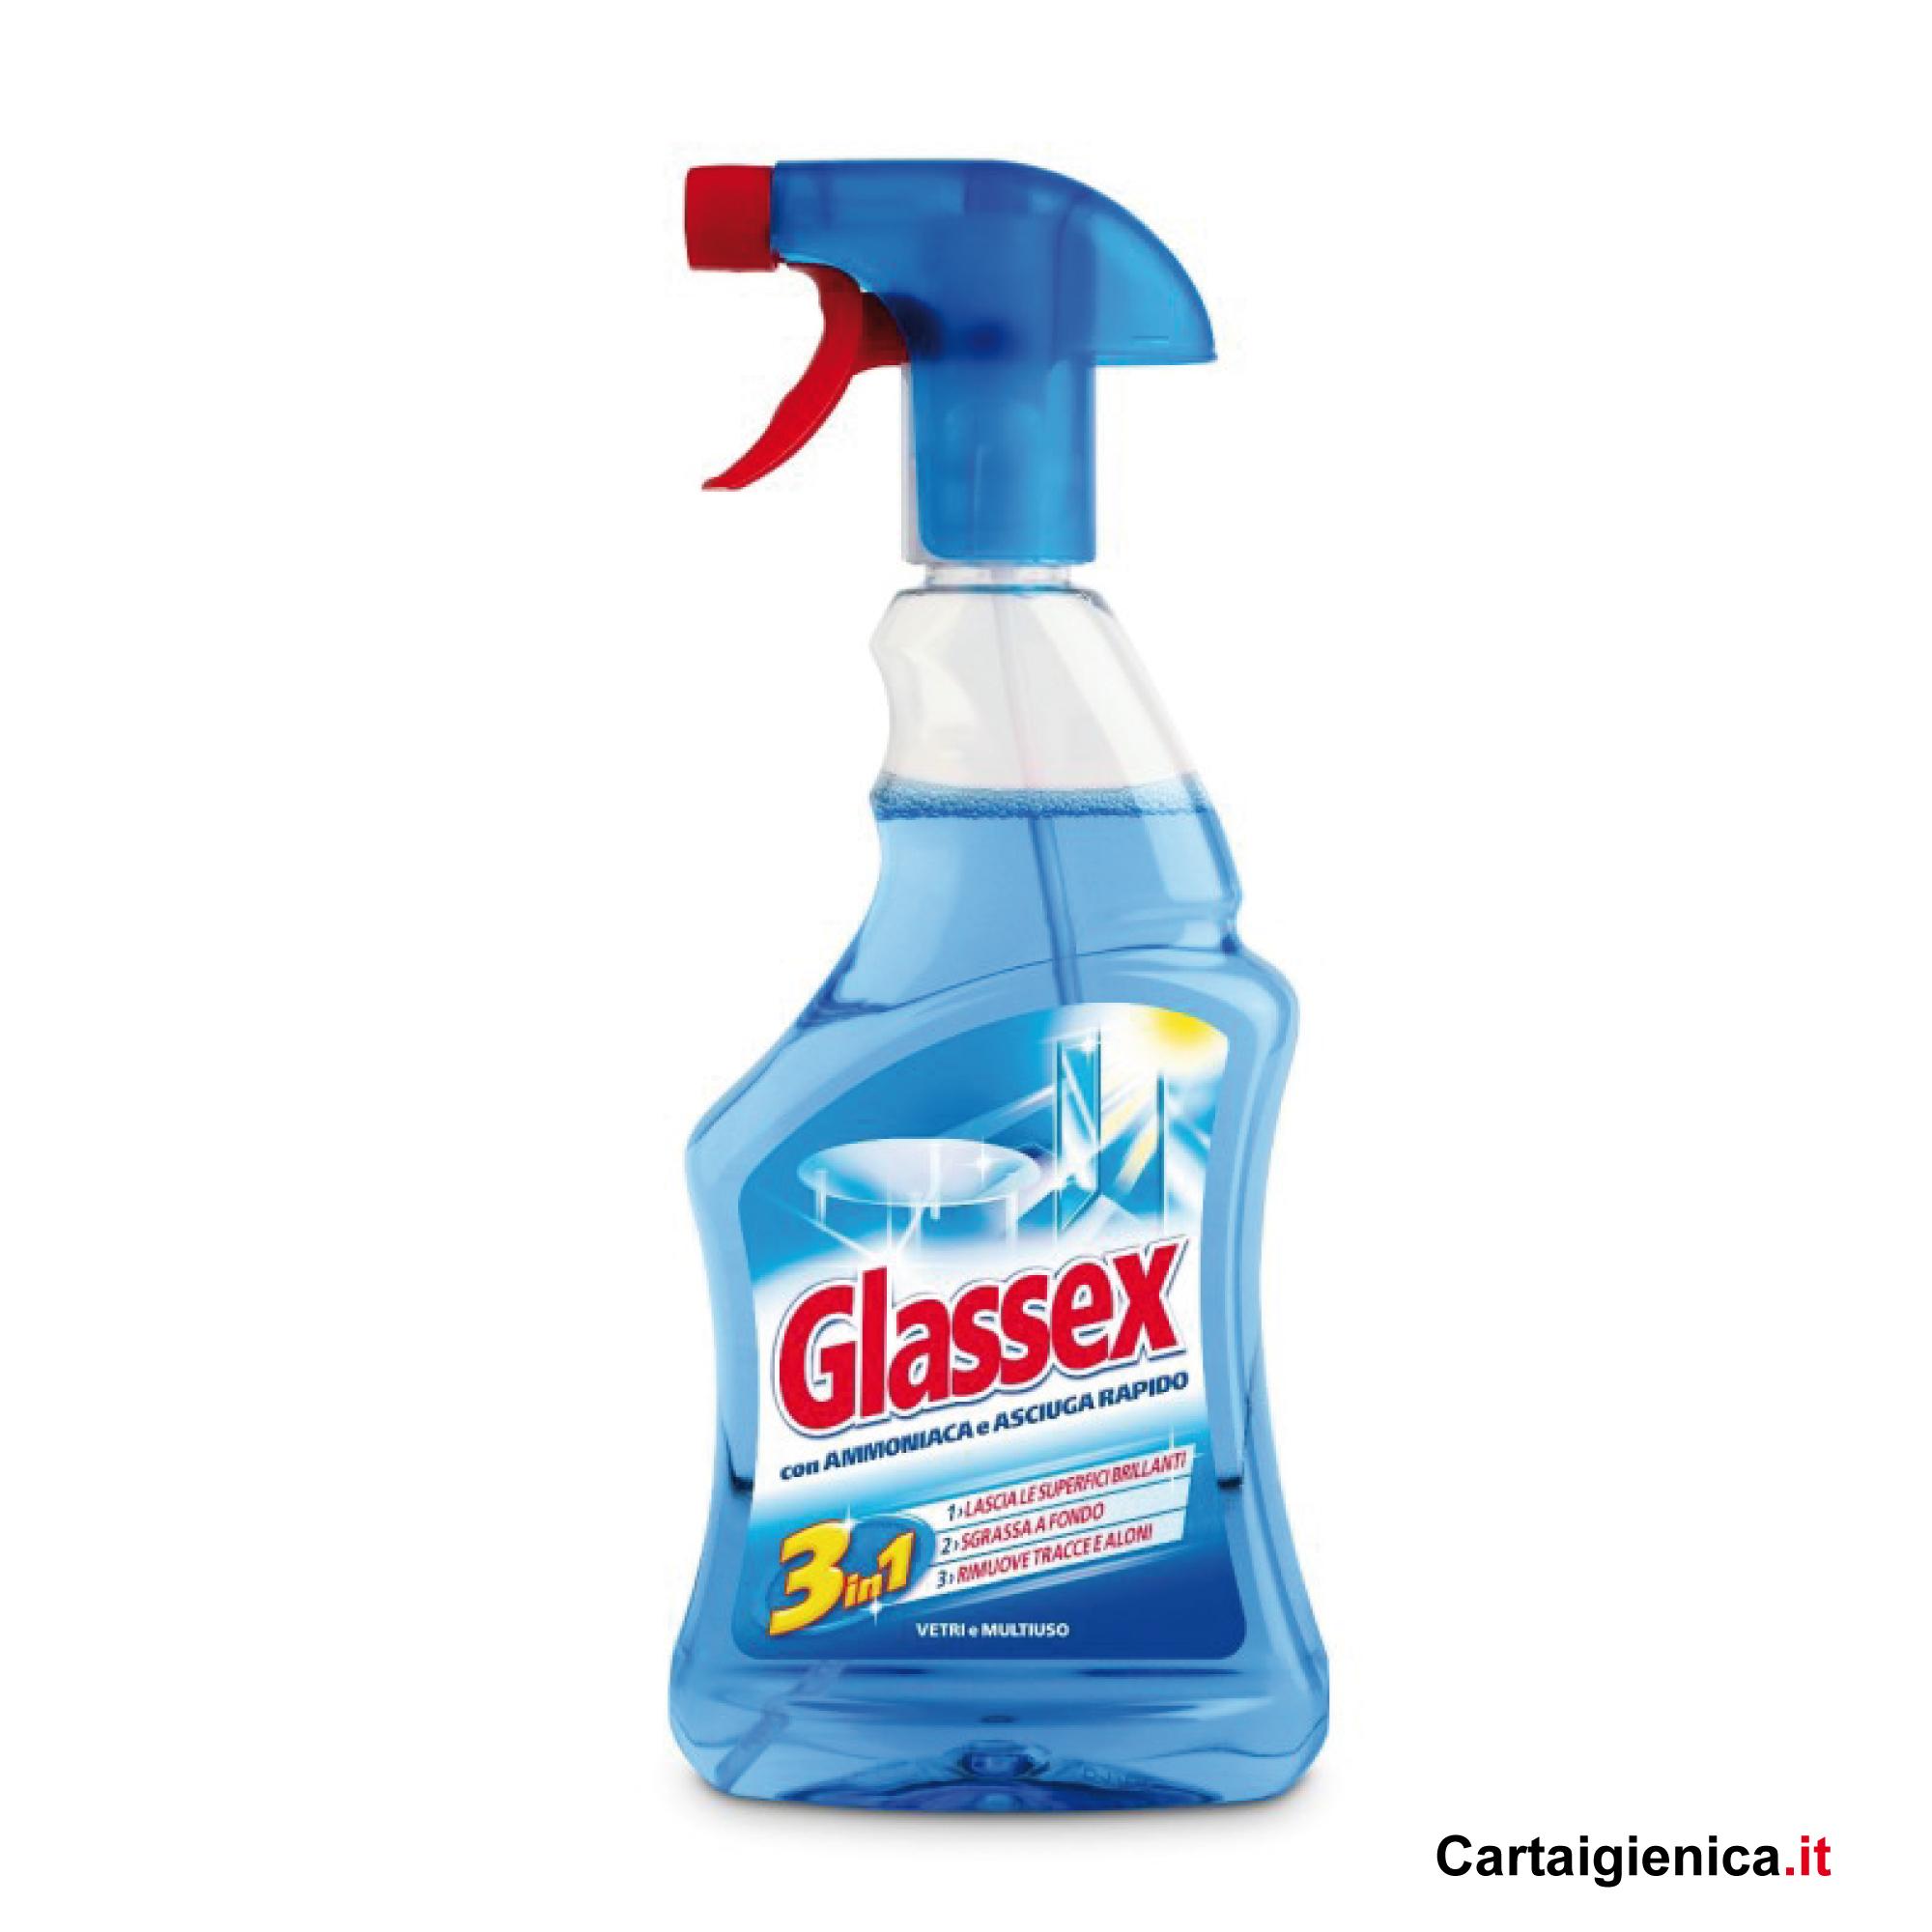 glassex 3in1 con ammoniaca per vetri e multiuso spray 500 ml